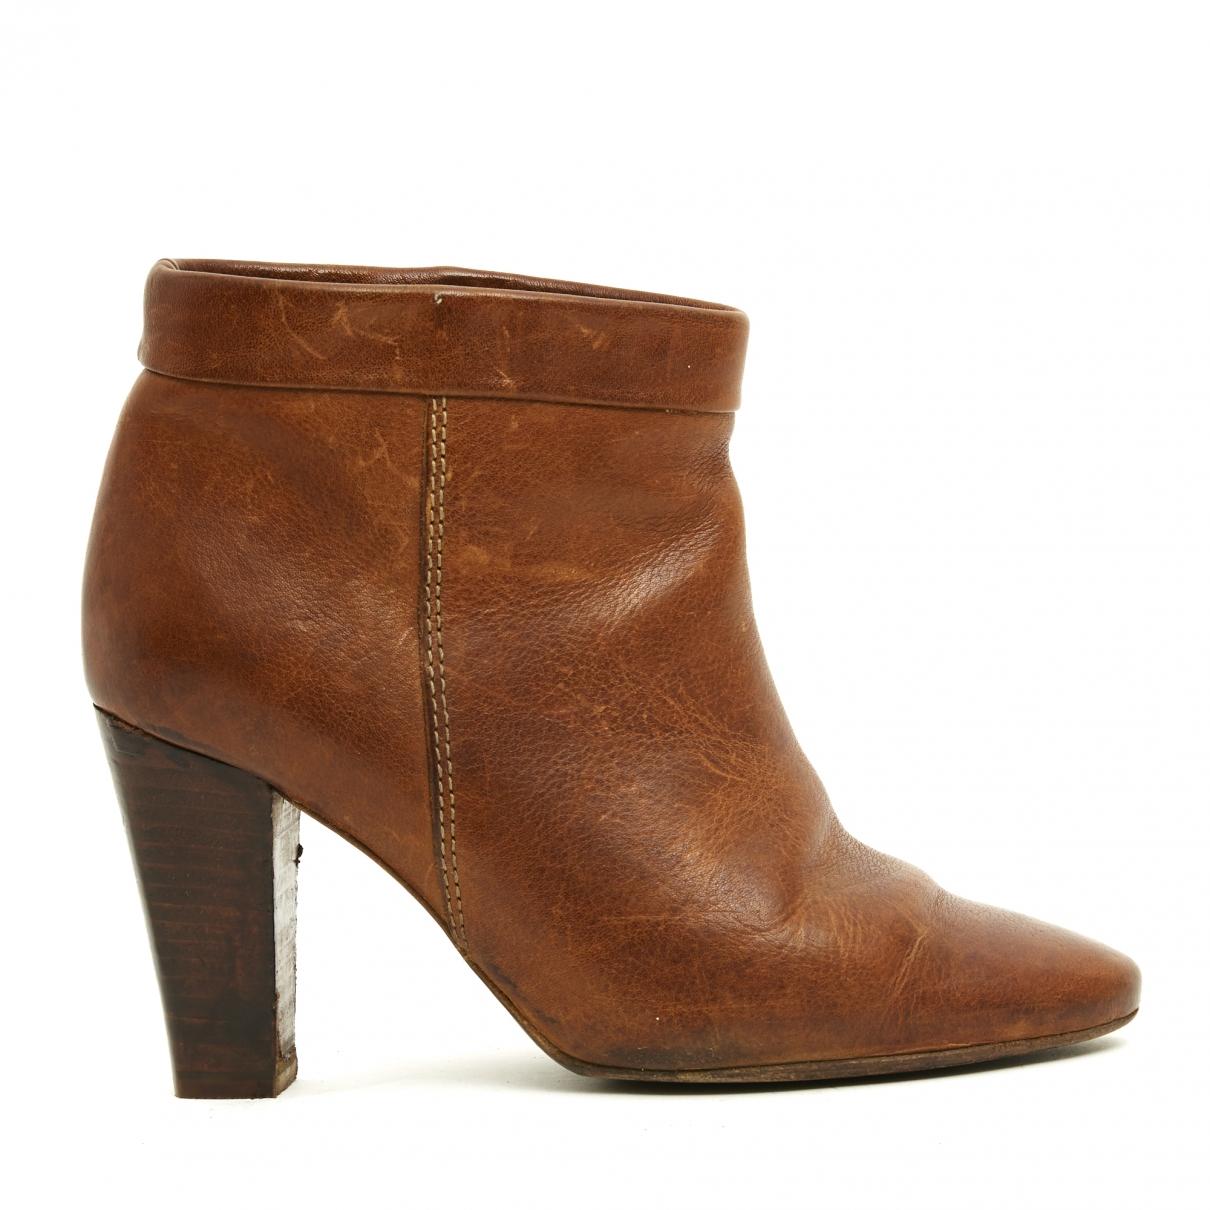 Isabel Marant Etoile - Boots   pour femme en cuir - camel